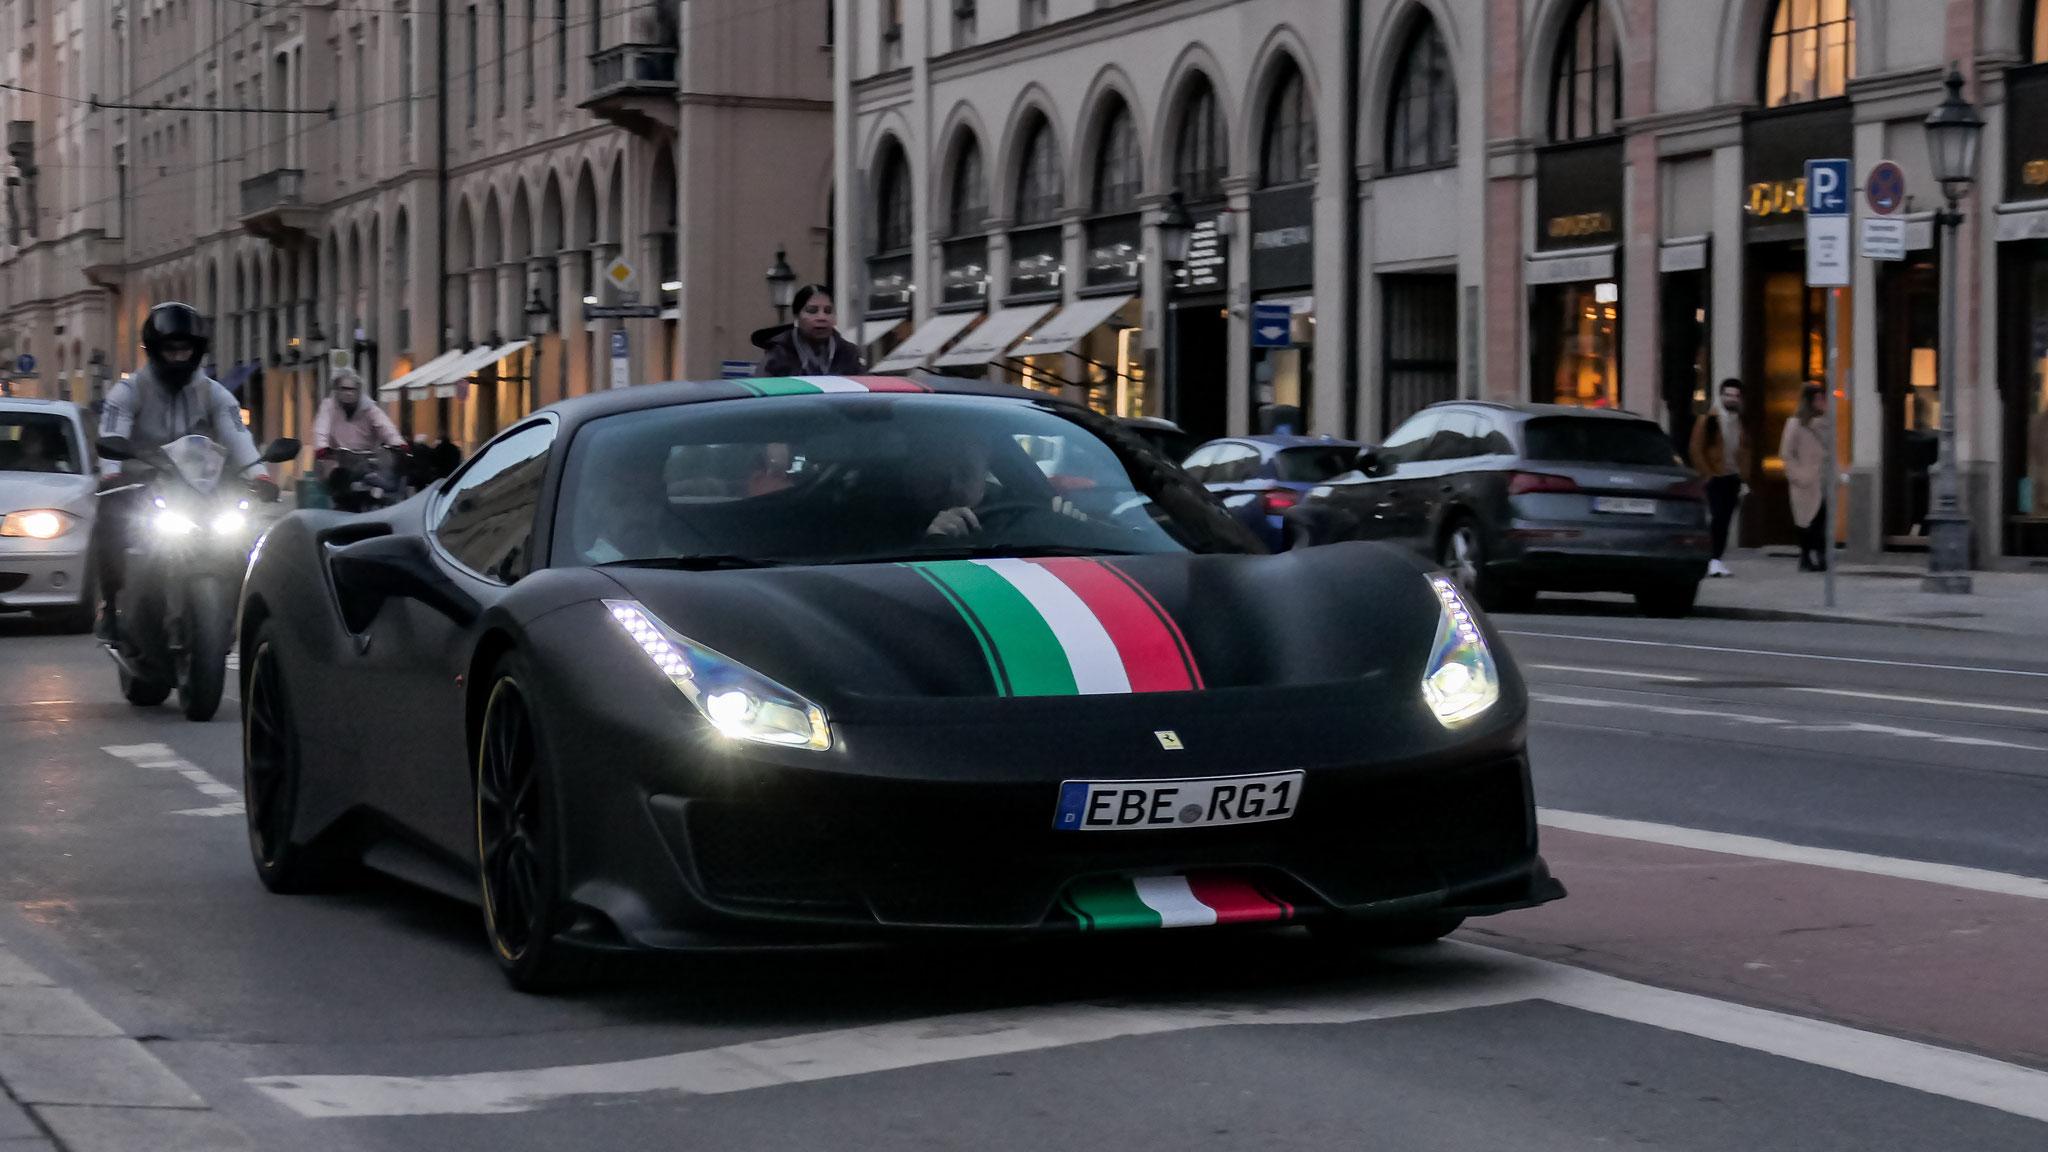 Ferrari 488 Pista - EBE-RG-1